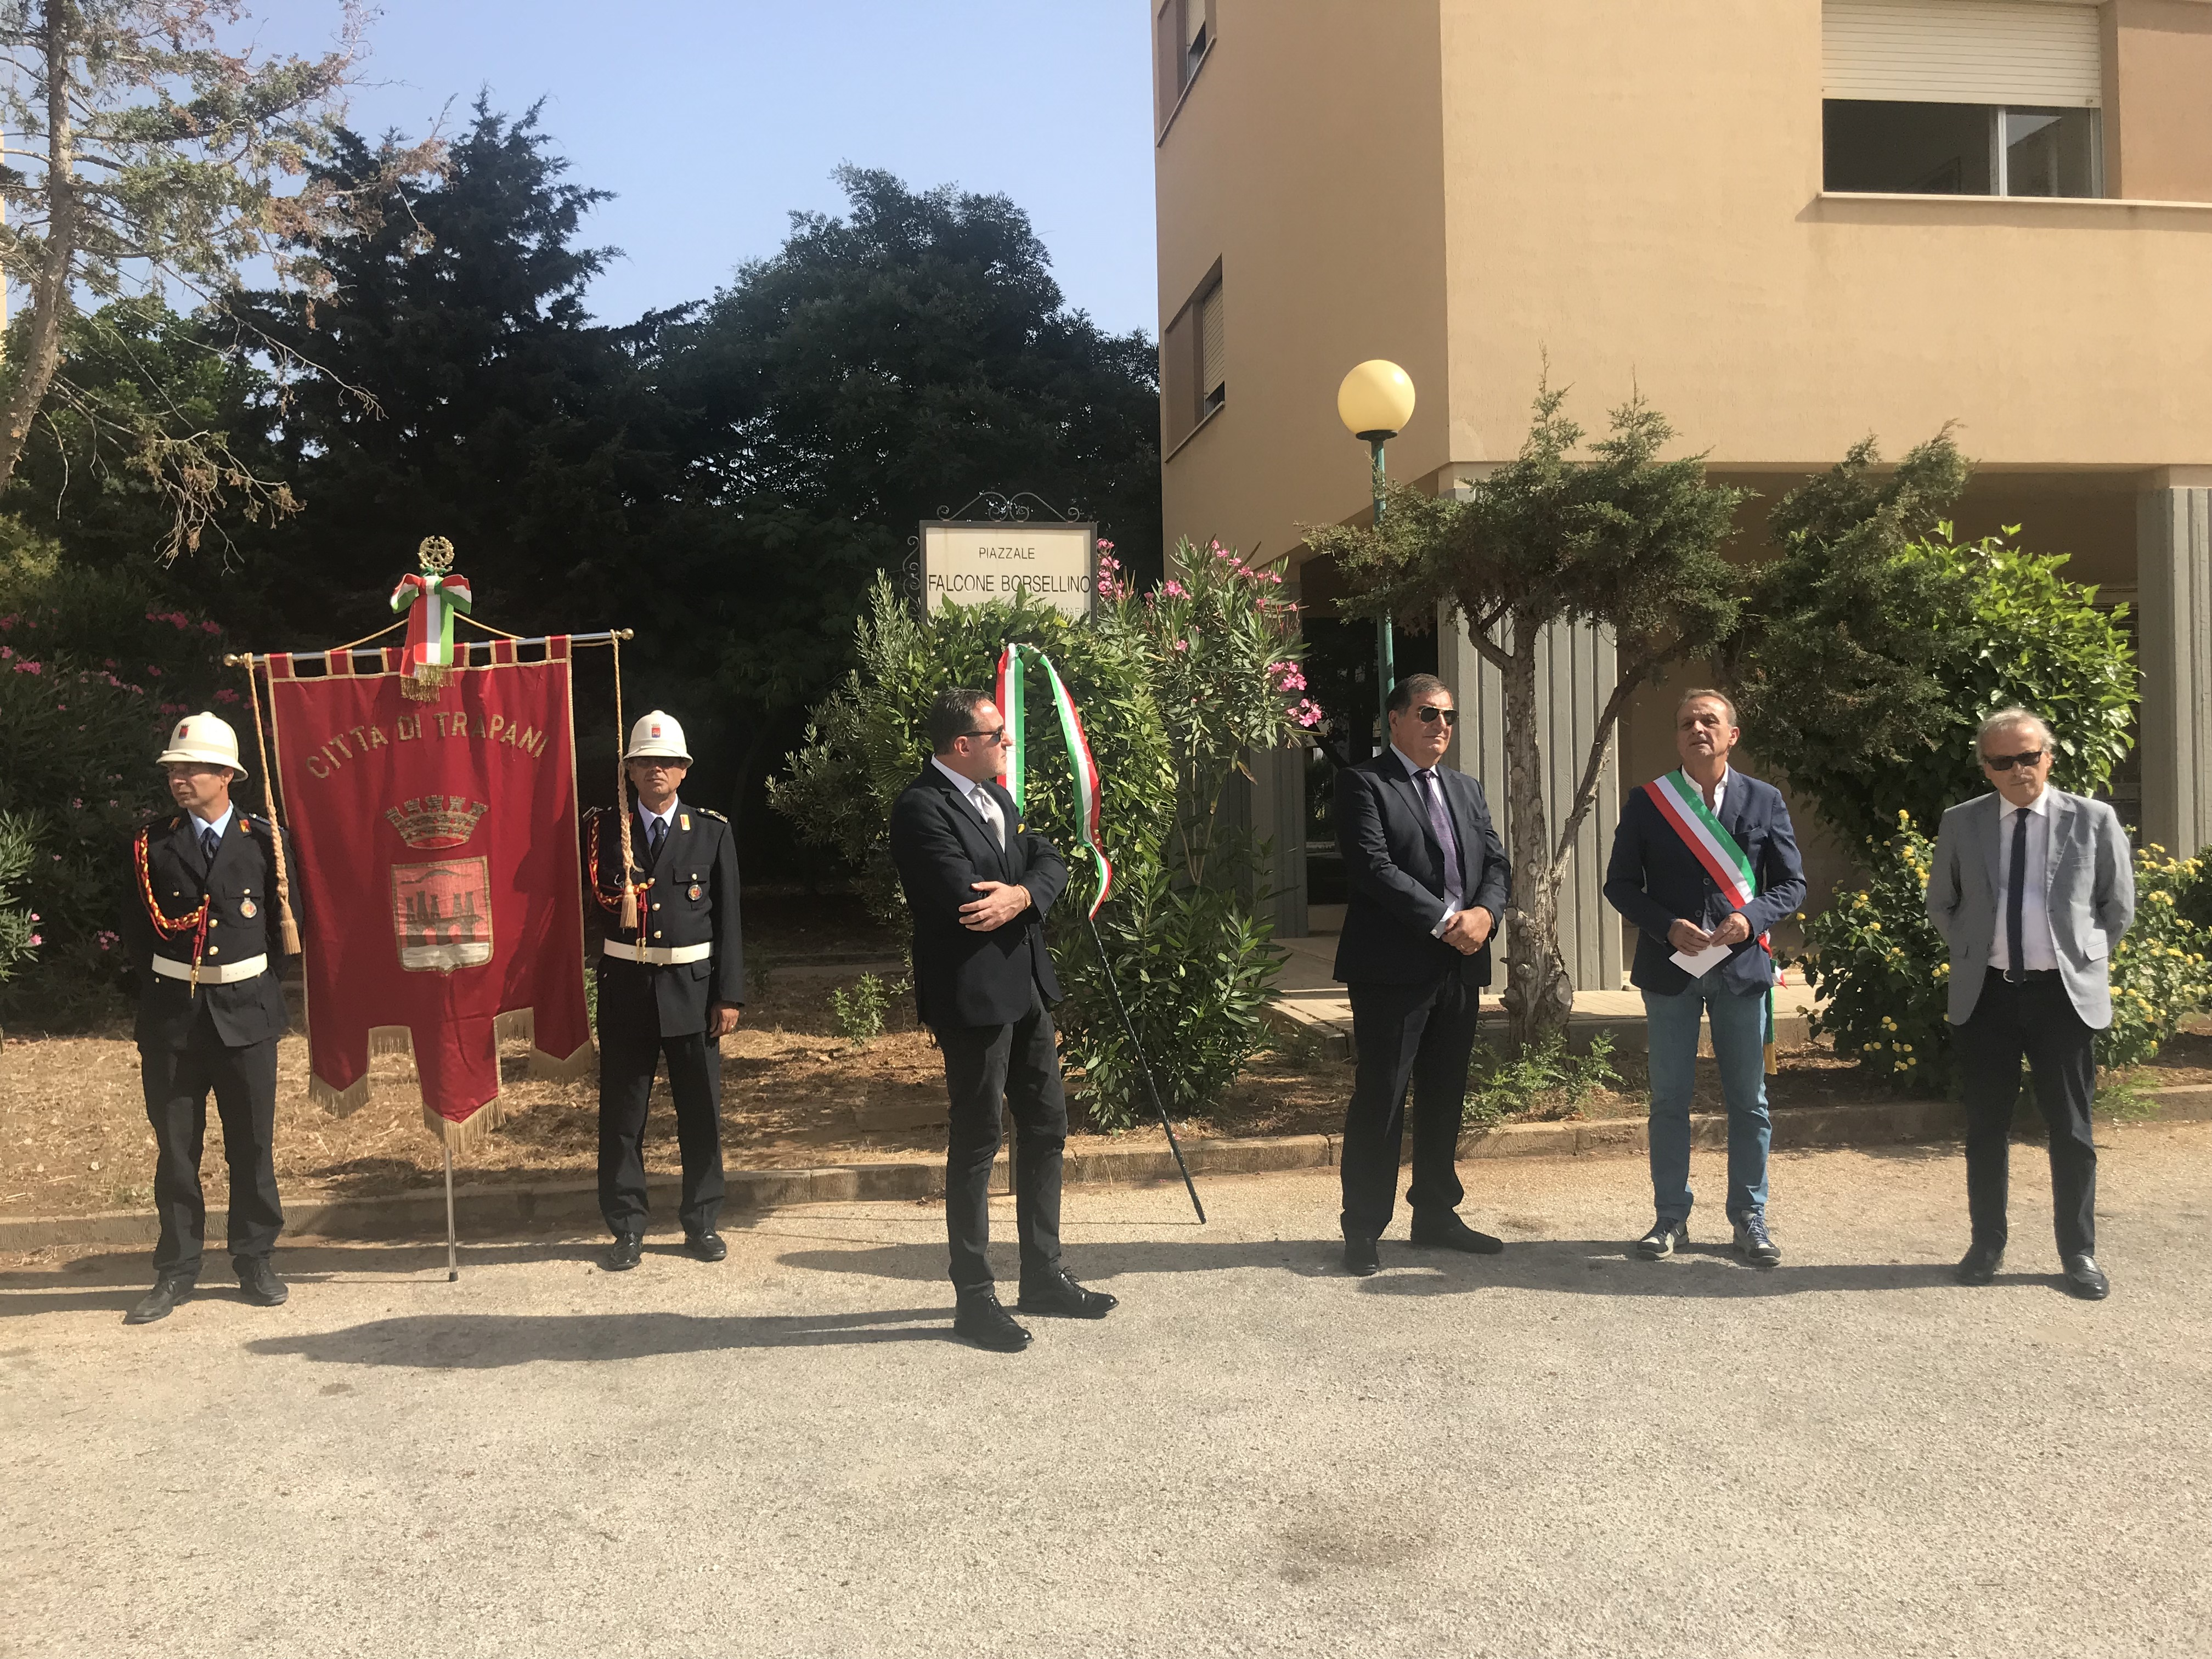 Anniversario della strage via D'Amelio: cerimonia commemorativa a Trapani